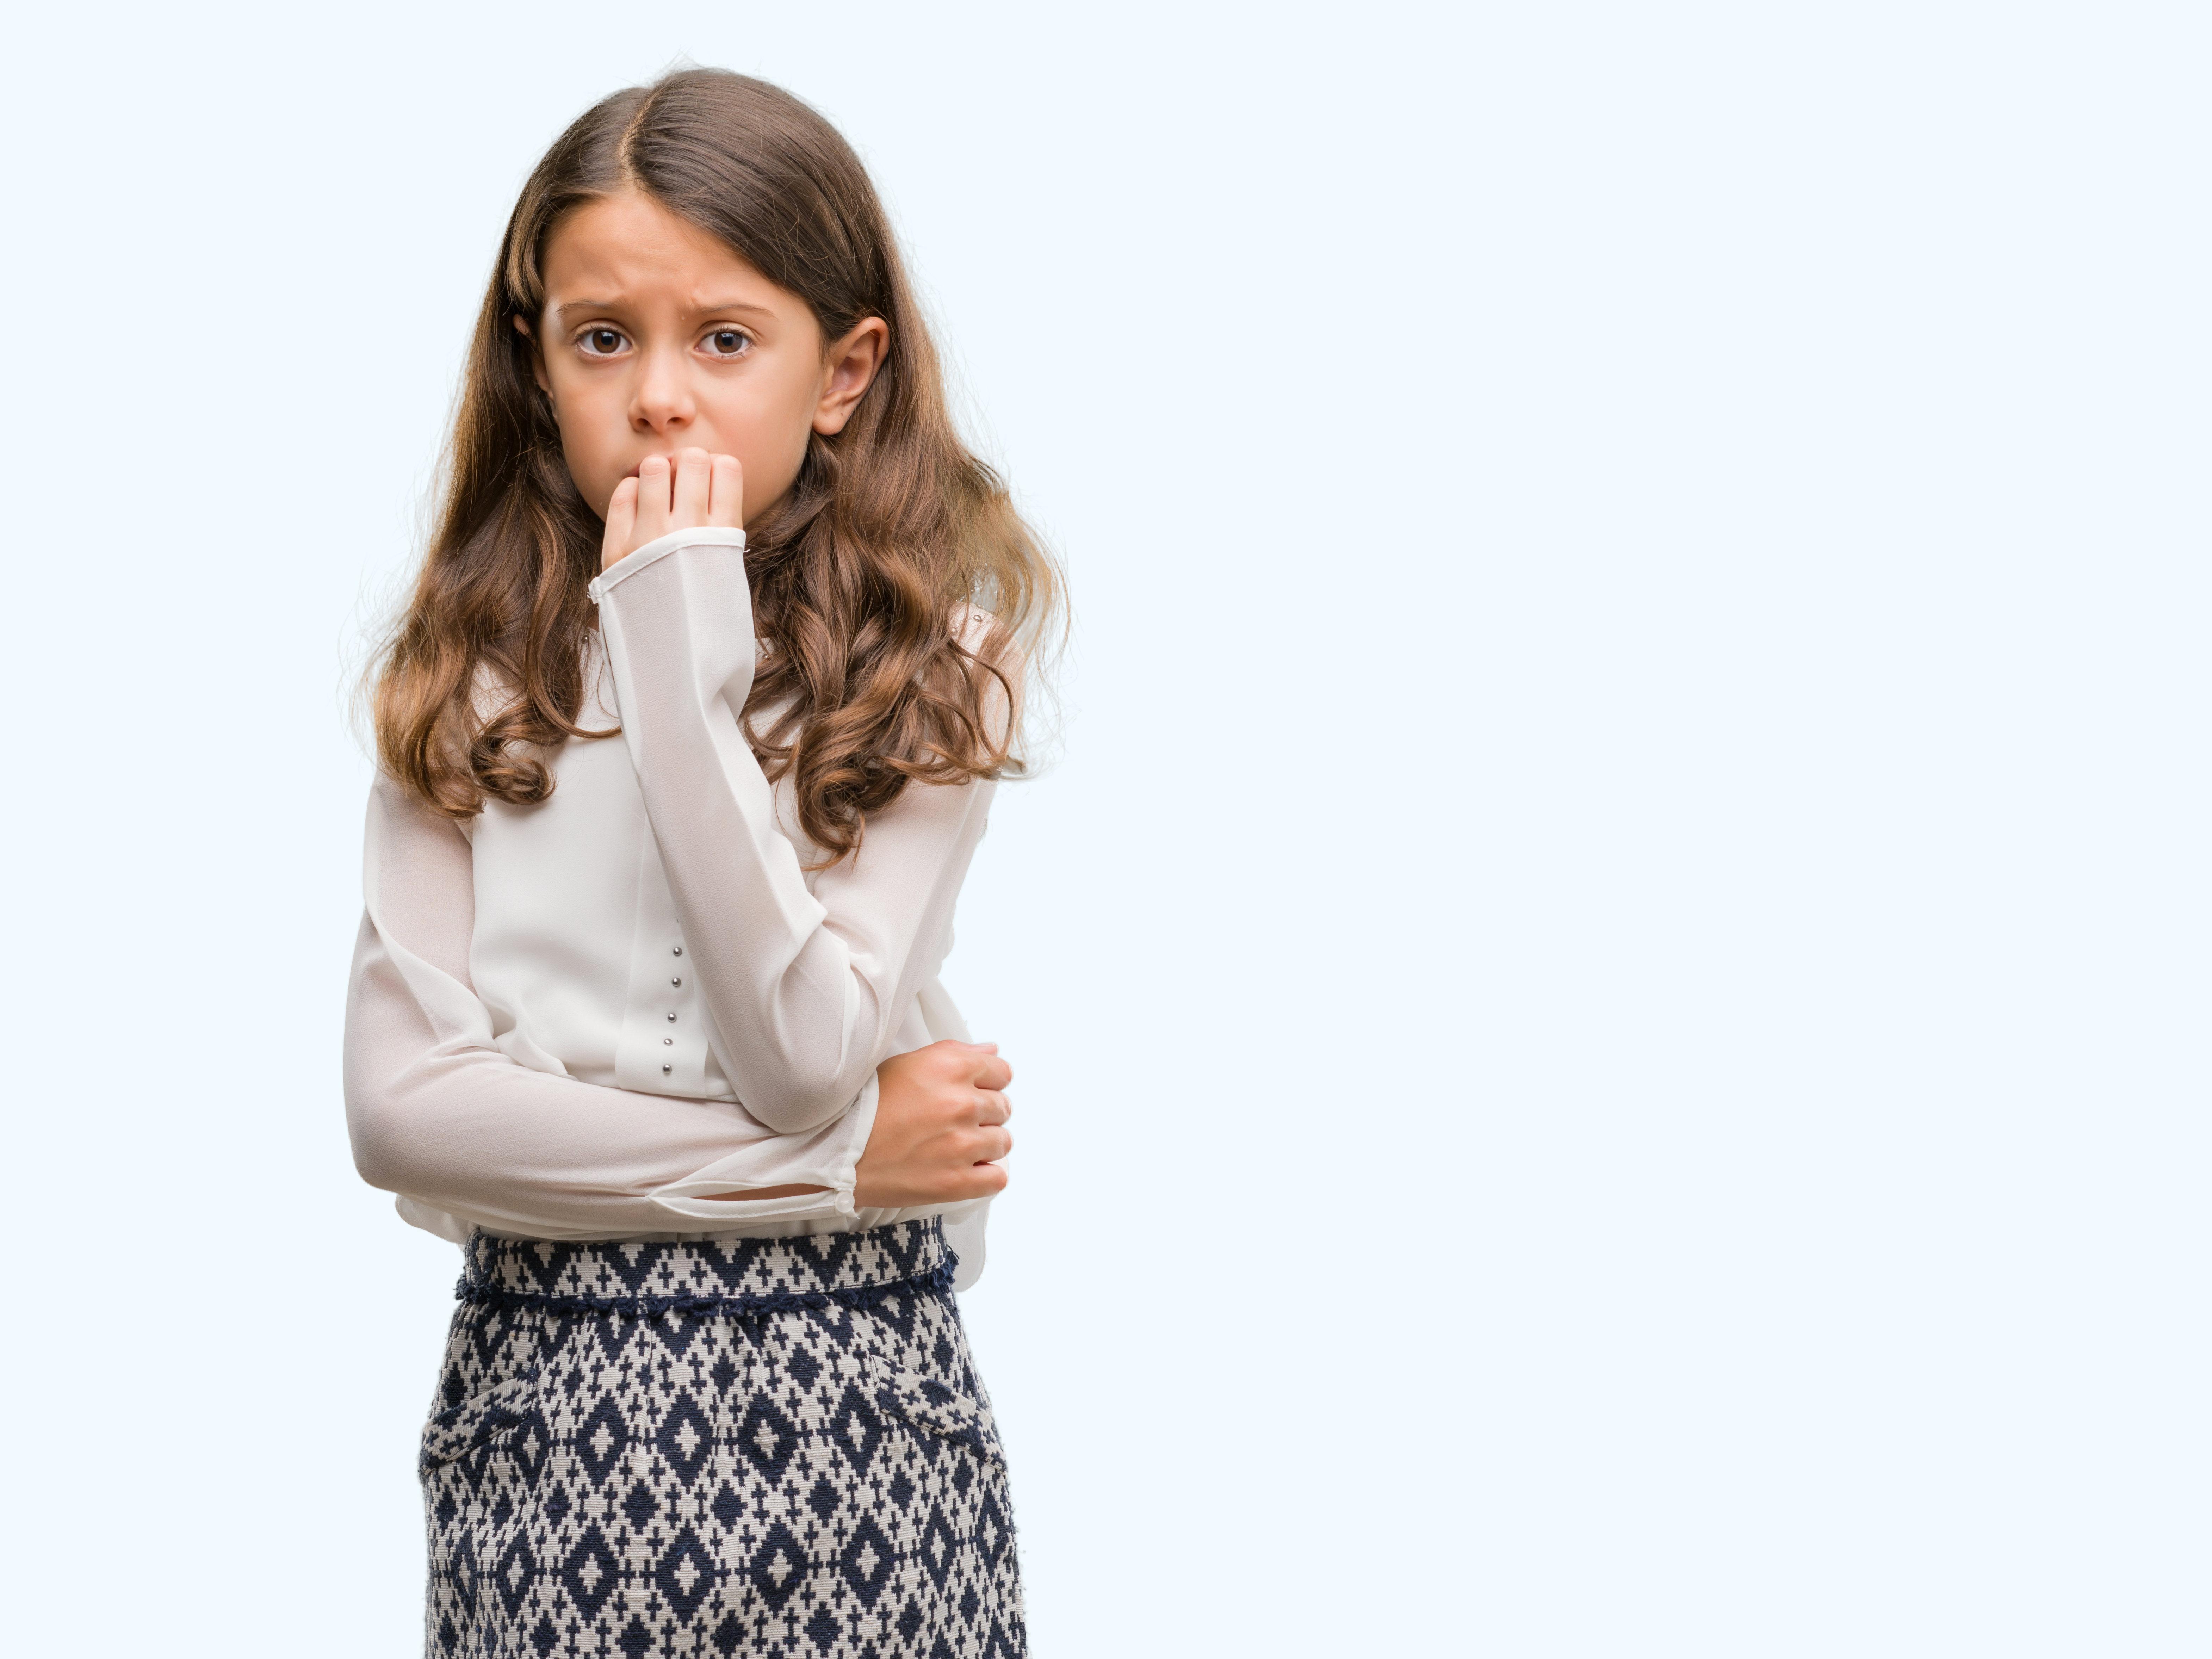 anxious teens and tweens anxious teens